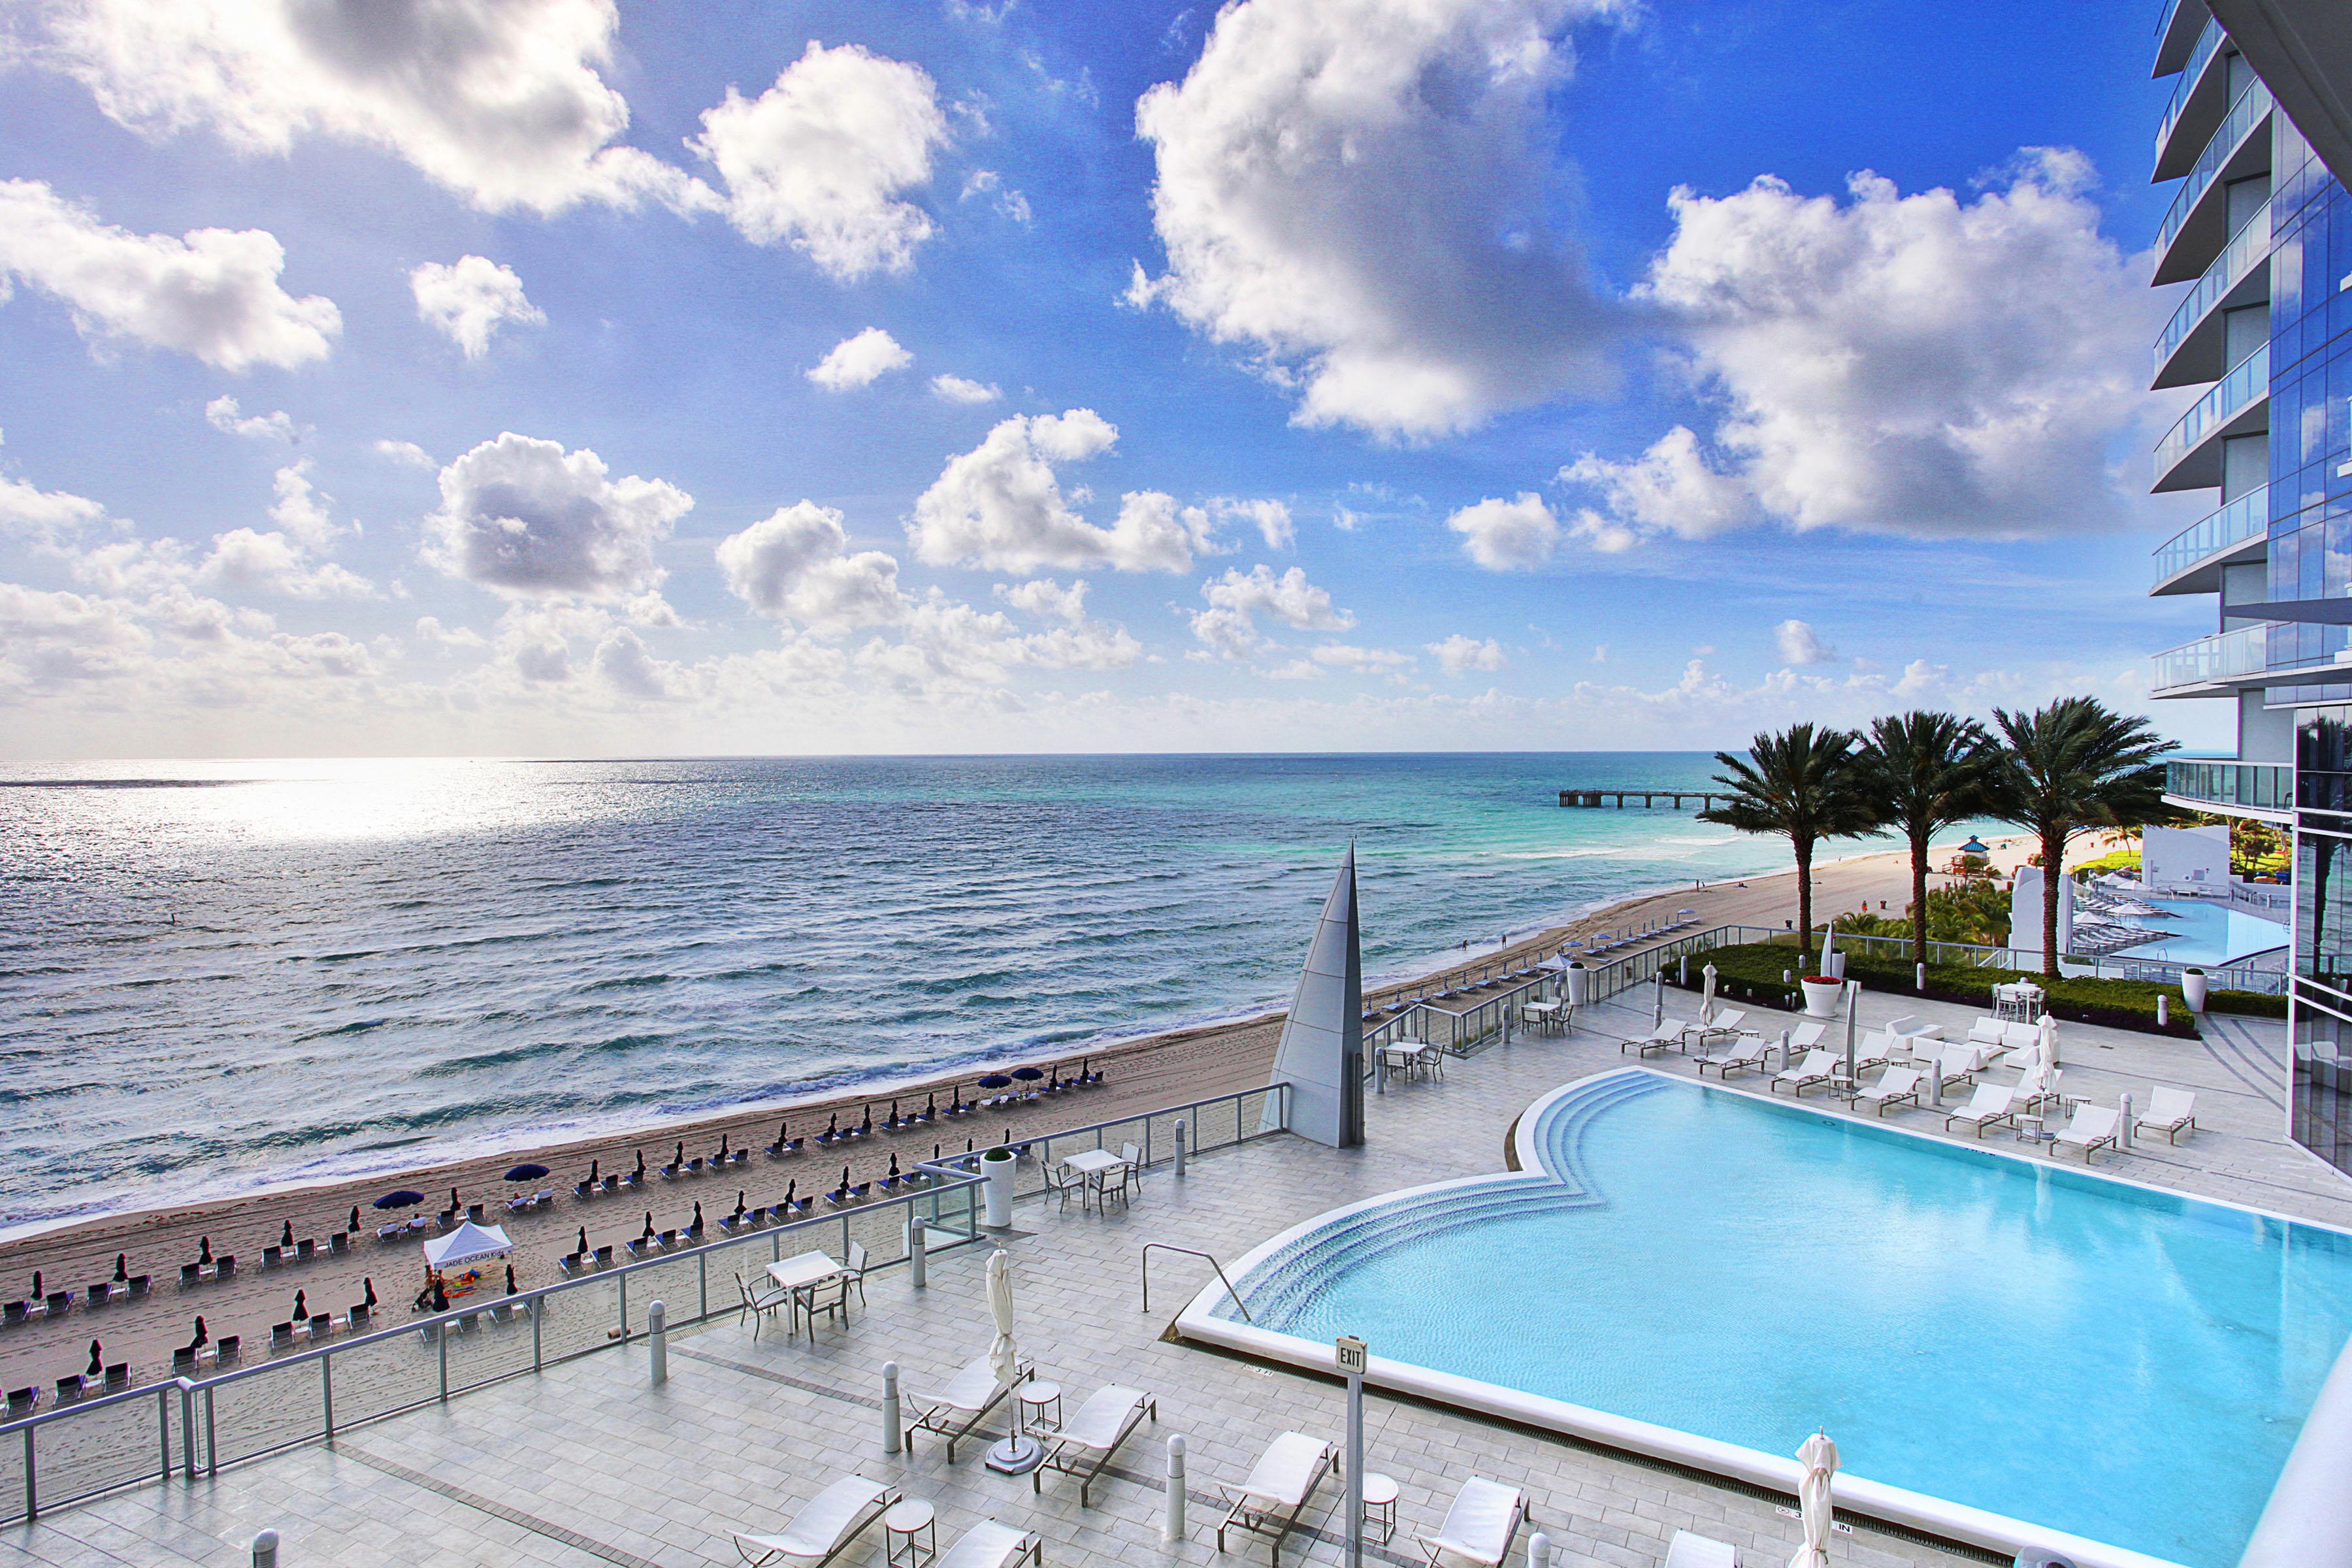 Eigentumswohnung für Verkauf beim 17121 Collins Av Unit 807 Sunny Isles, Florida 33160 Vereinigte Staaten